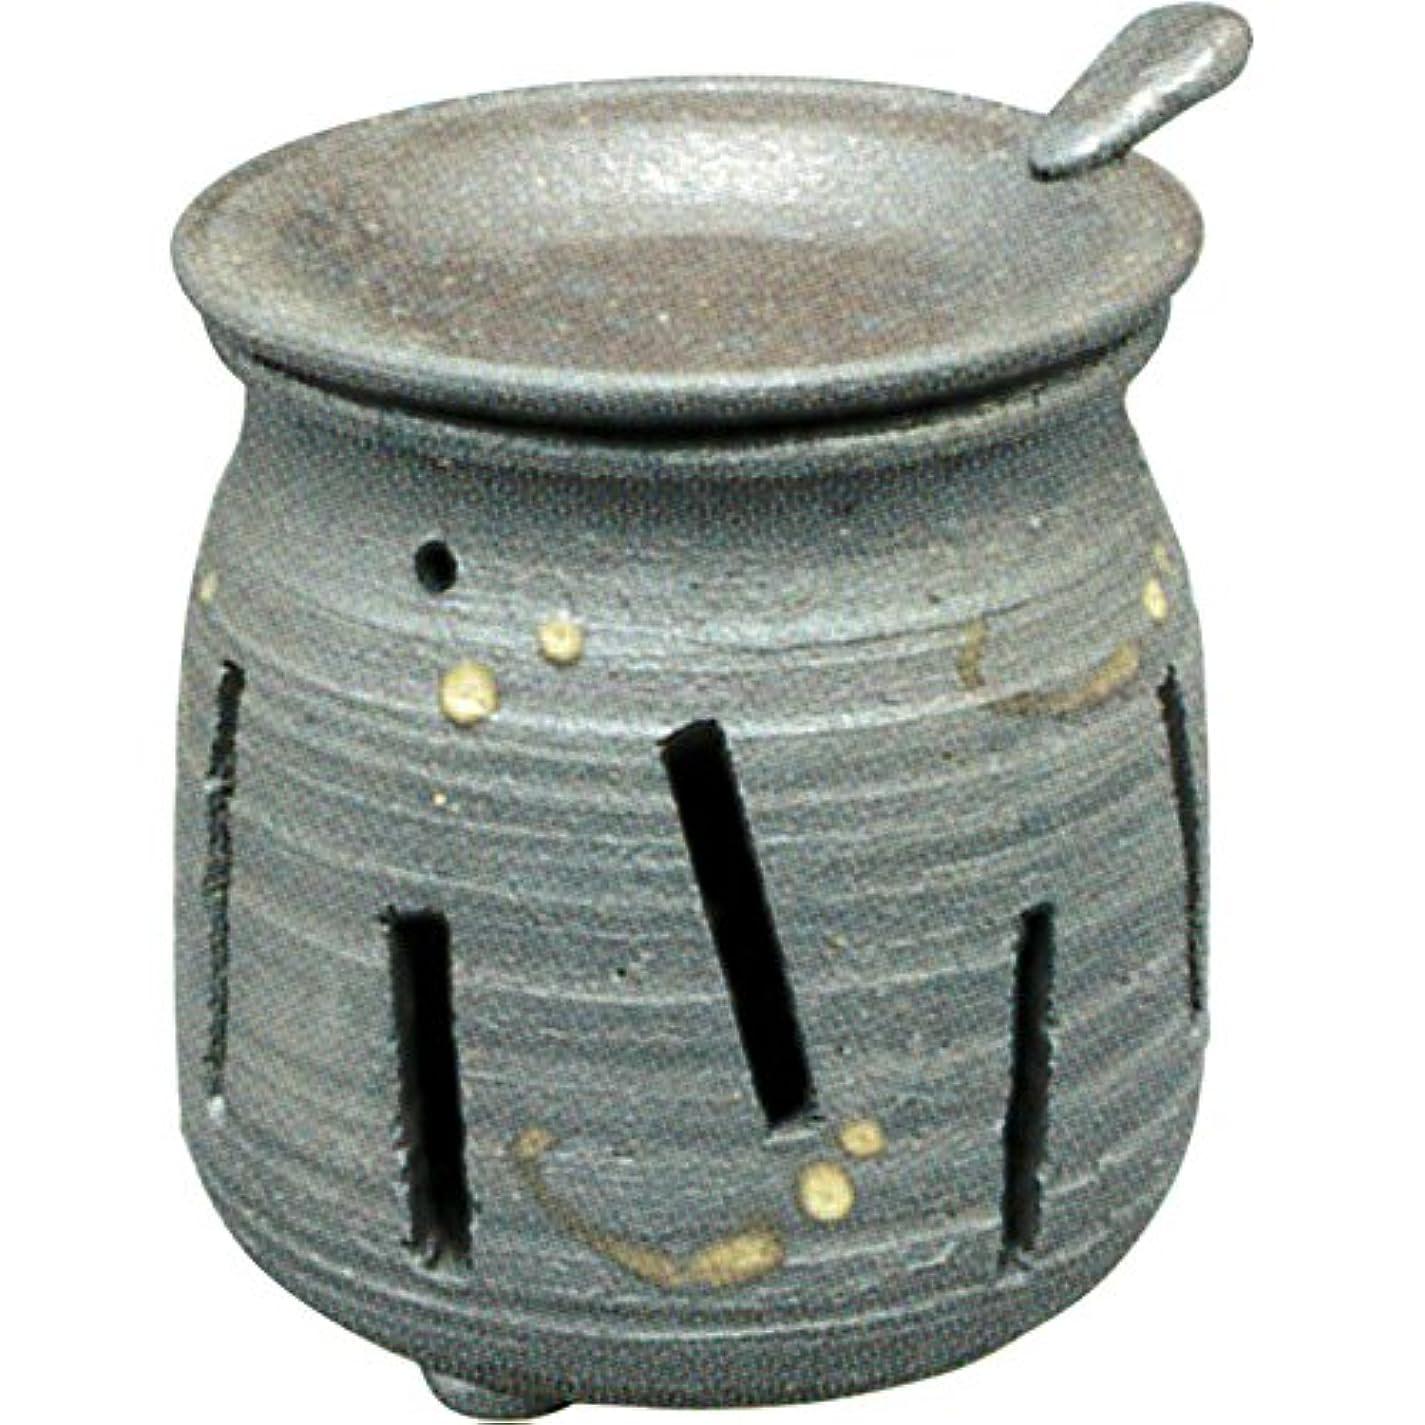 広範囲に乱雑なシルク常滑焼 : 焜清 茶香炉 ル36-05